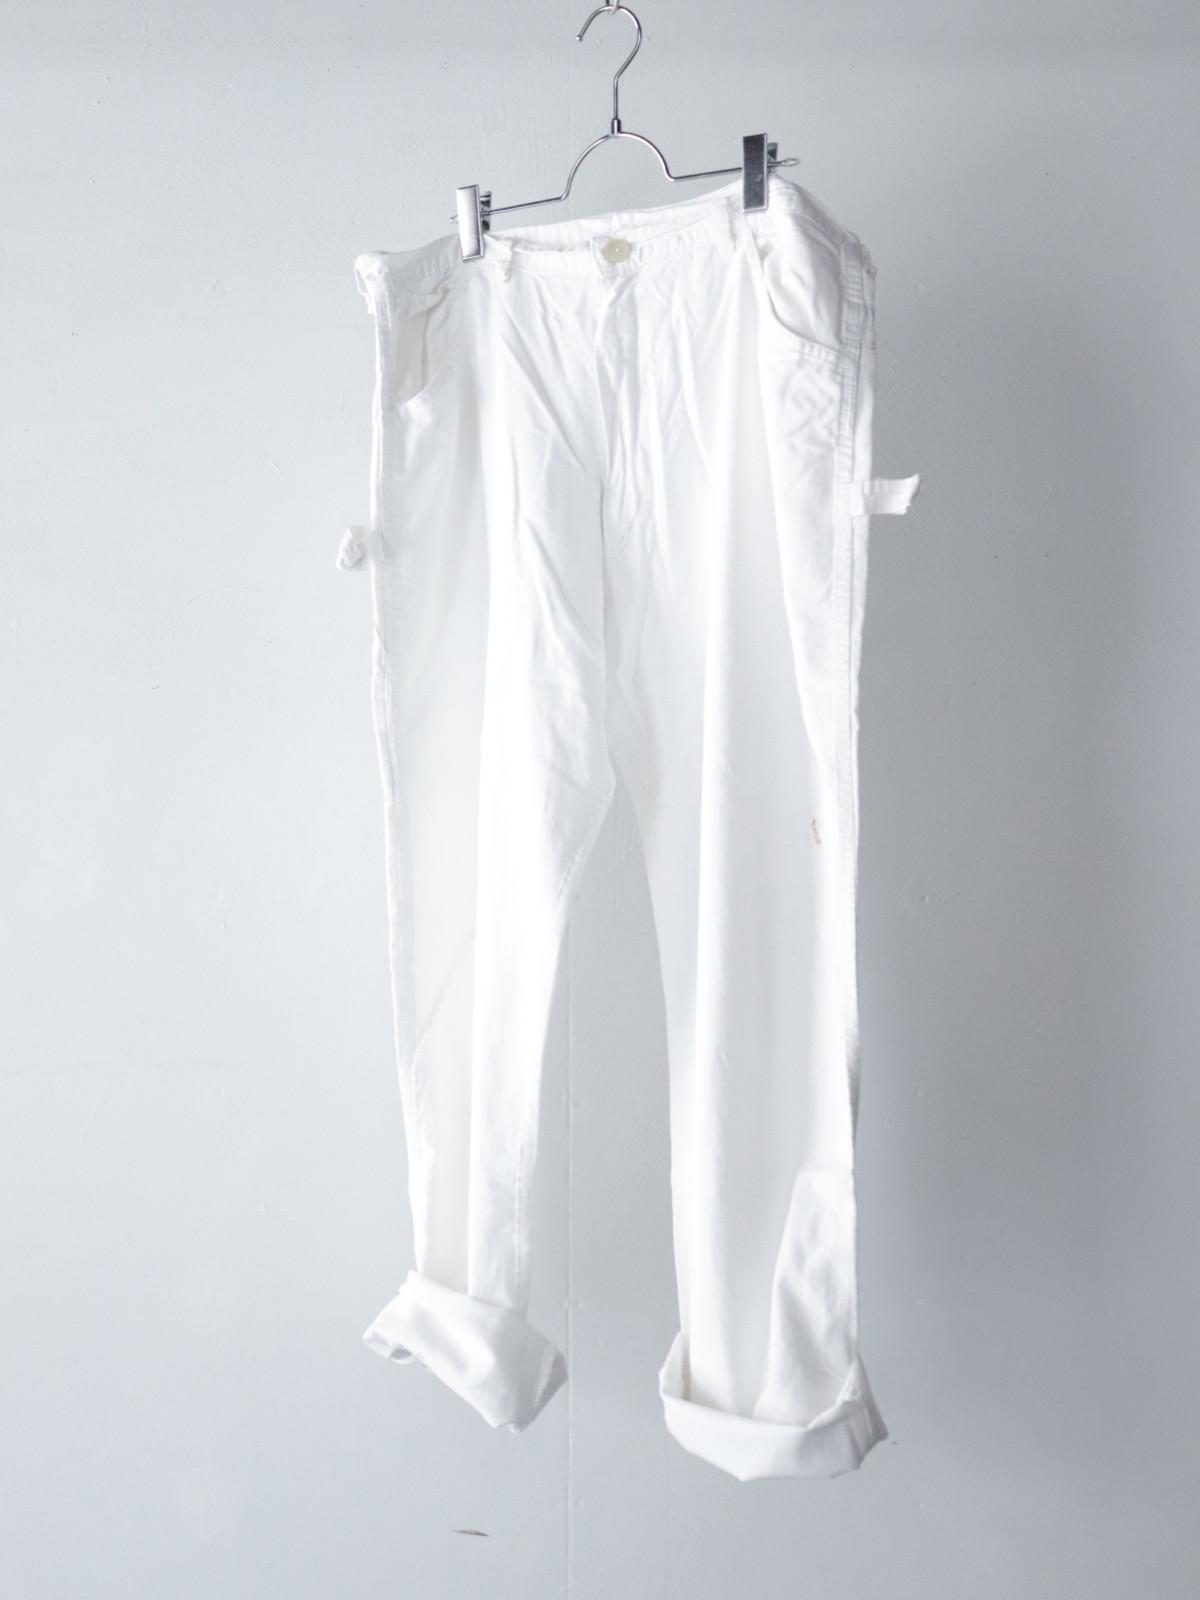 GAP, painter pants,USA,